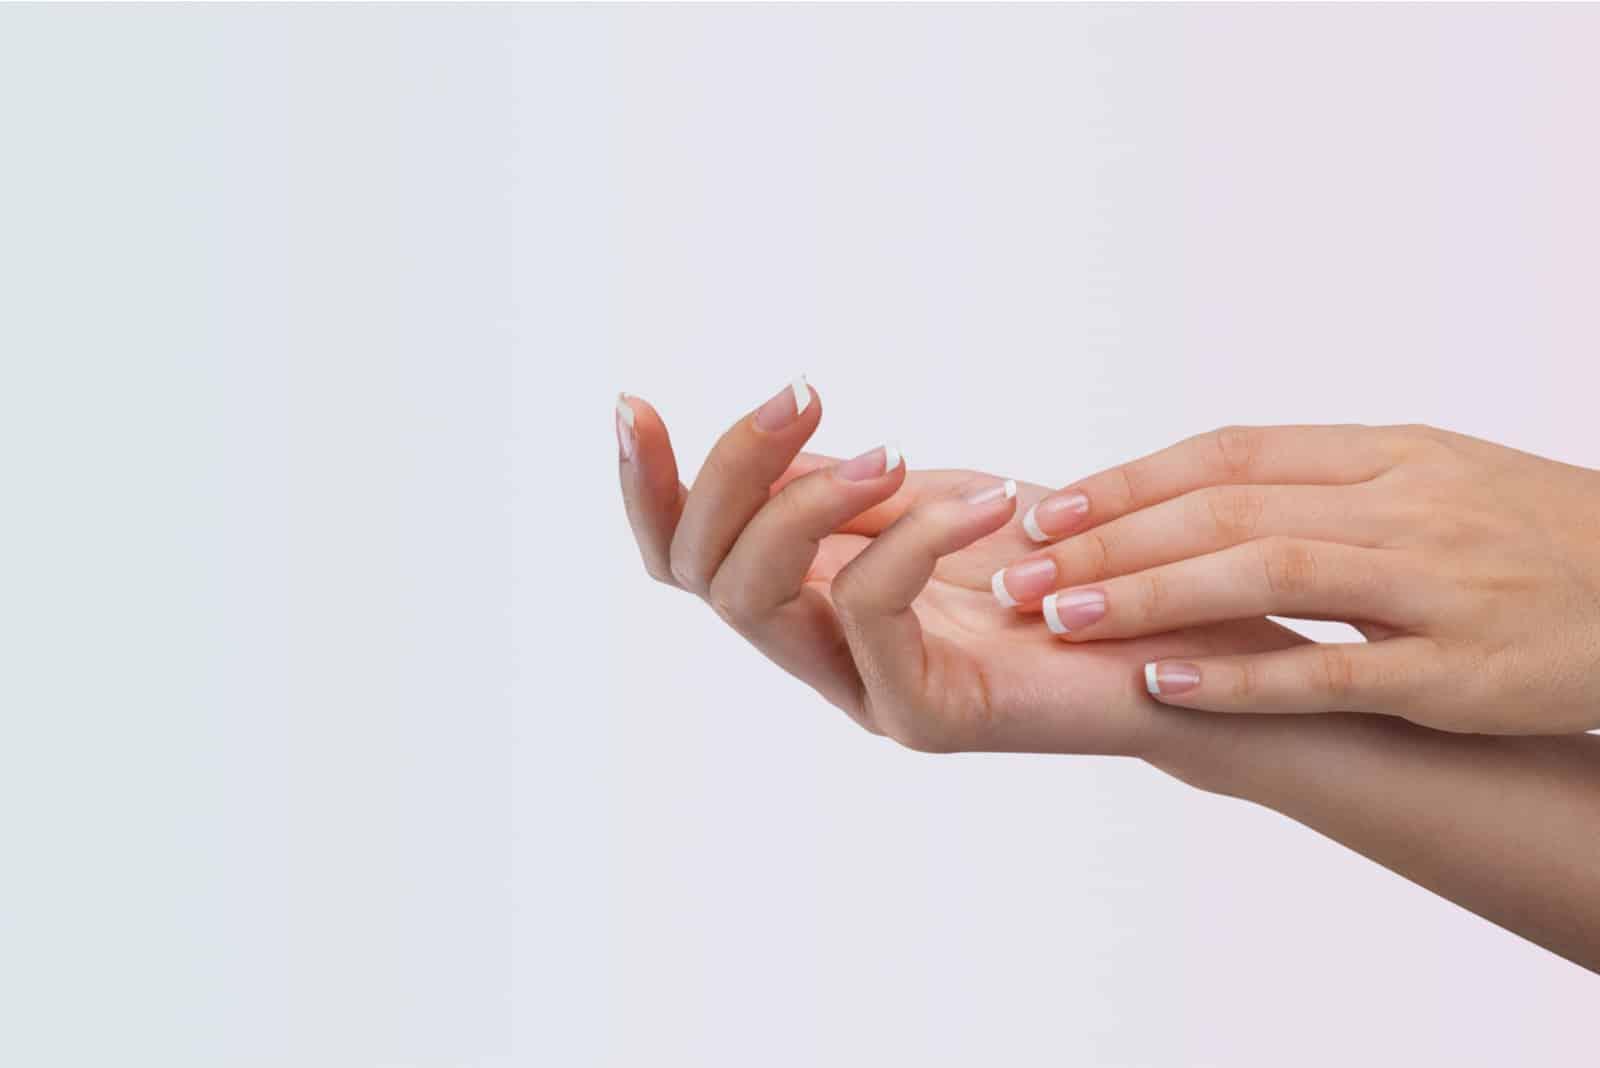 la femme se gratte la paume droite avec la main gauche